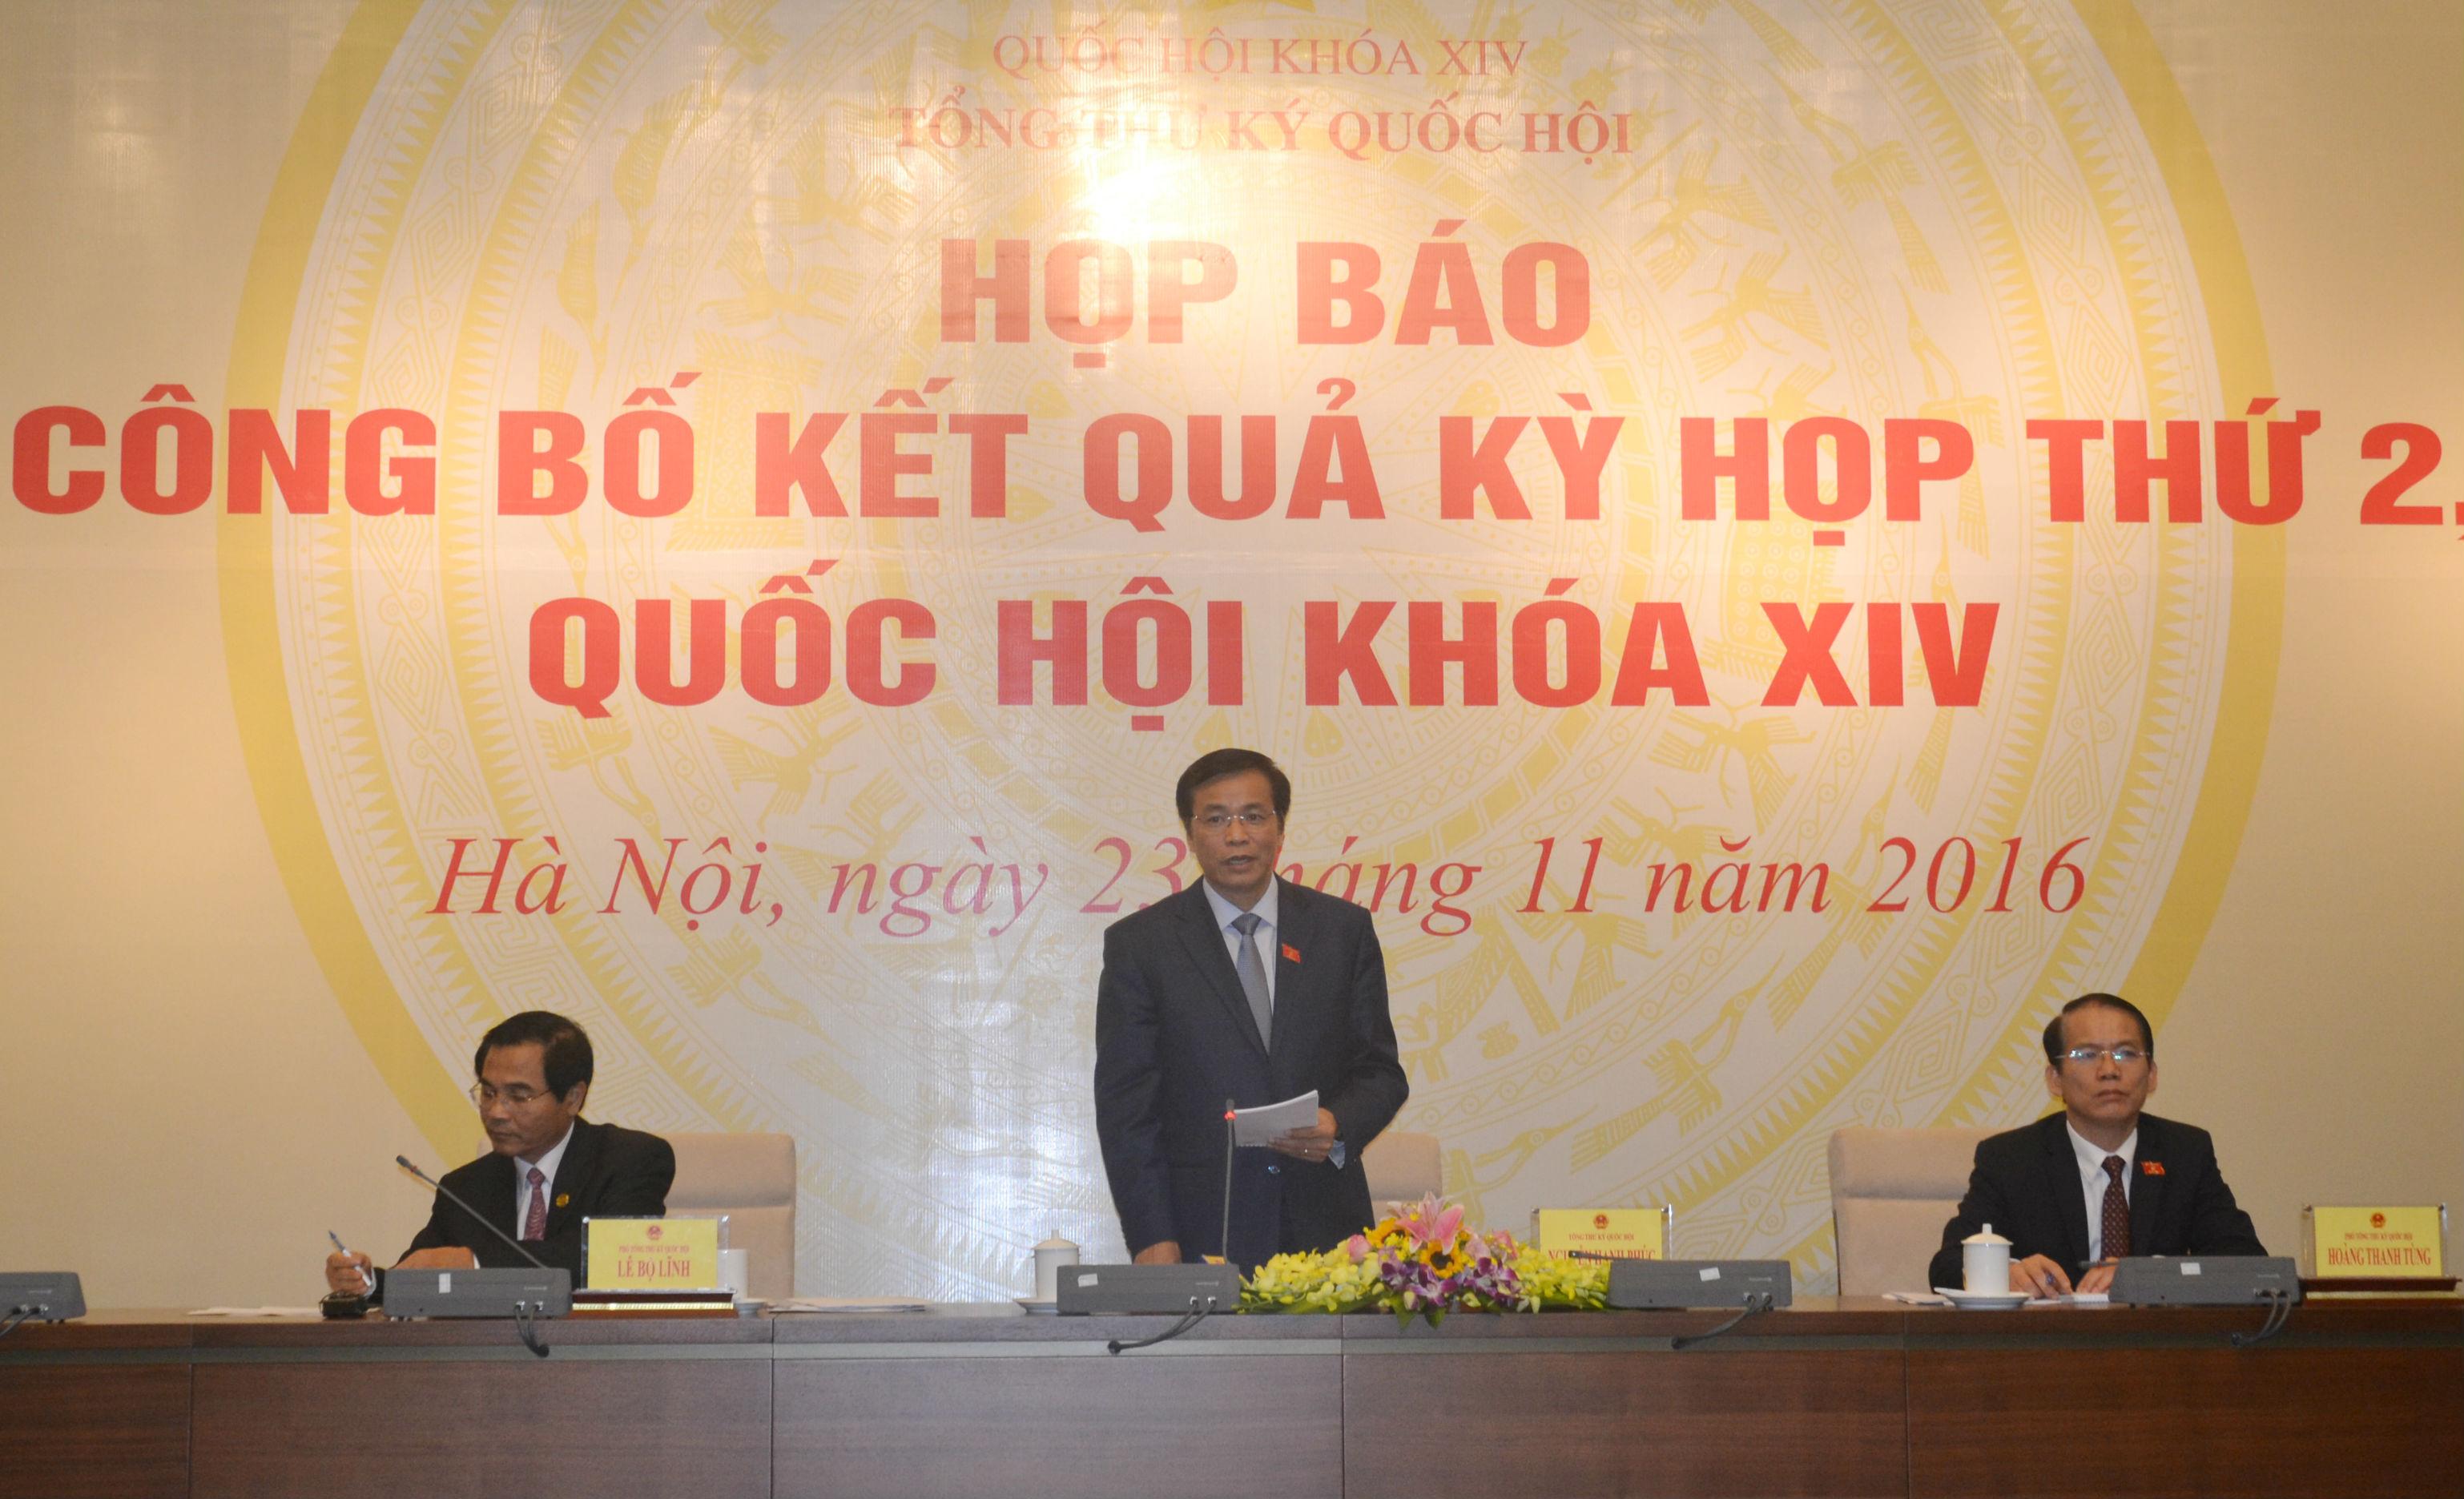 Họp báo thông báo kết quả Kỳ họp thứ 2, Quốc hội khóa XIV